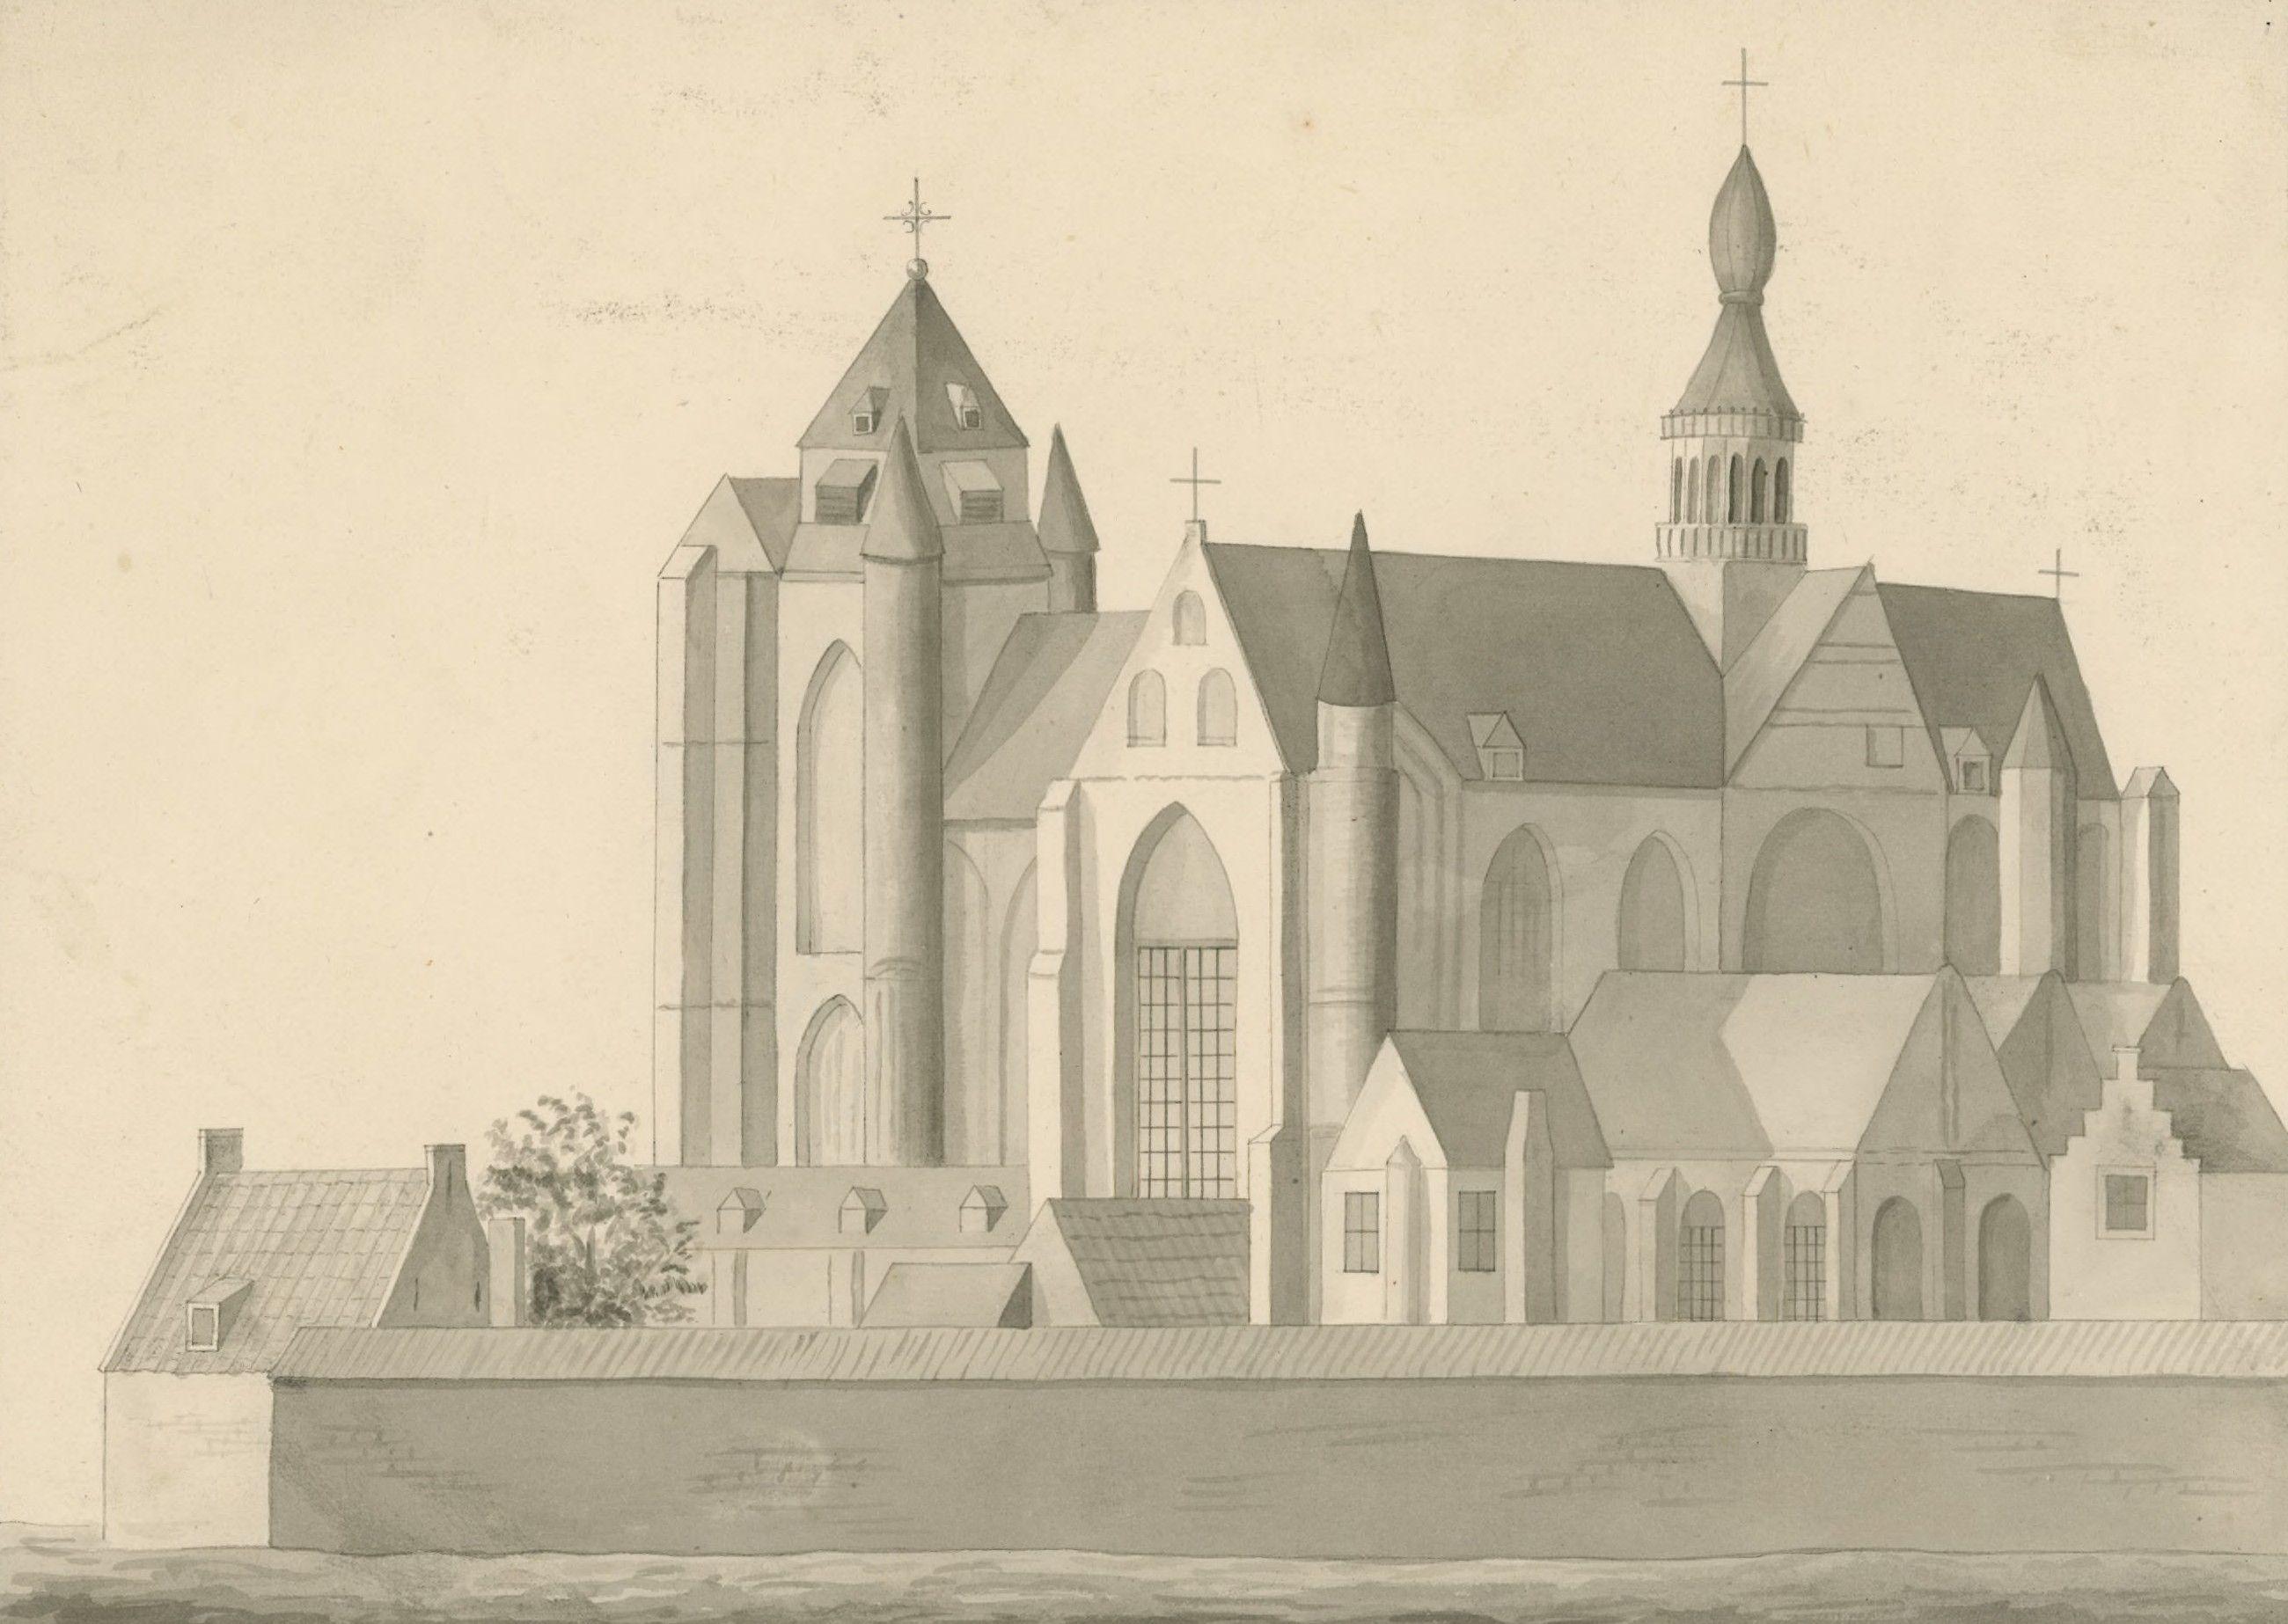 De kerk vanuit het zuidoosten gezien vóór de brand in 1686. (Zeeuws Archief, collectie Zeeuws Genootschap, Zelandia Illustrata, tekening gewassen in o.i. inkt door L.J. Dhaenens)